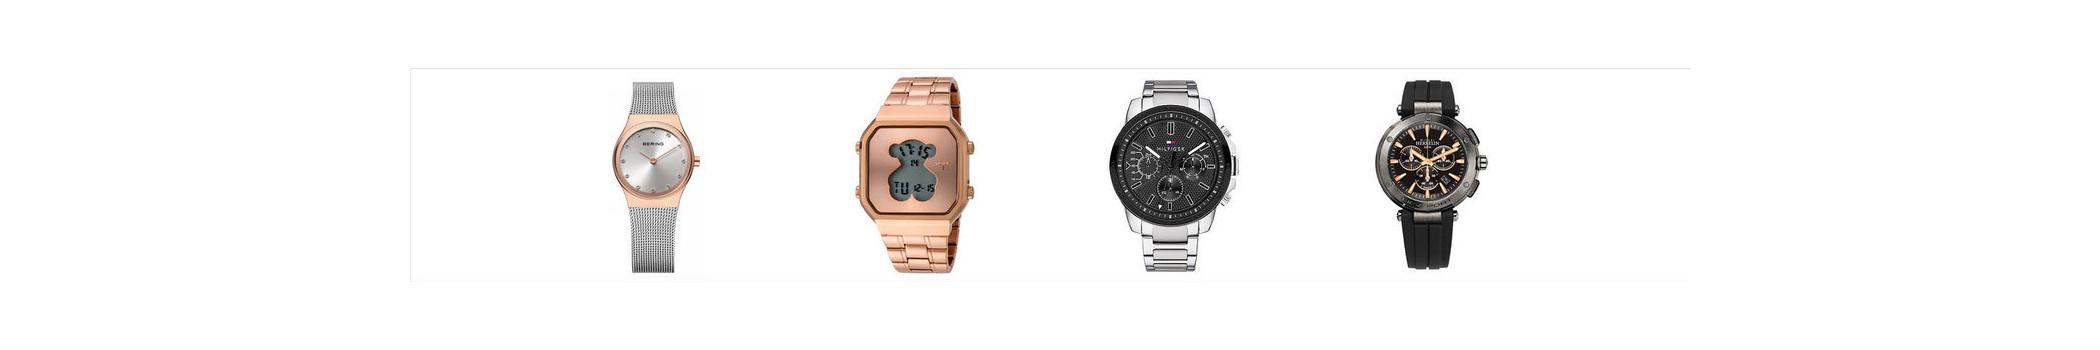 Rellotges de moda